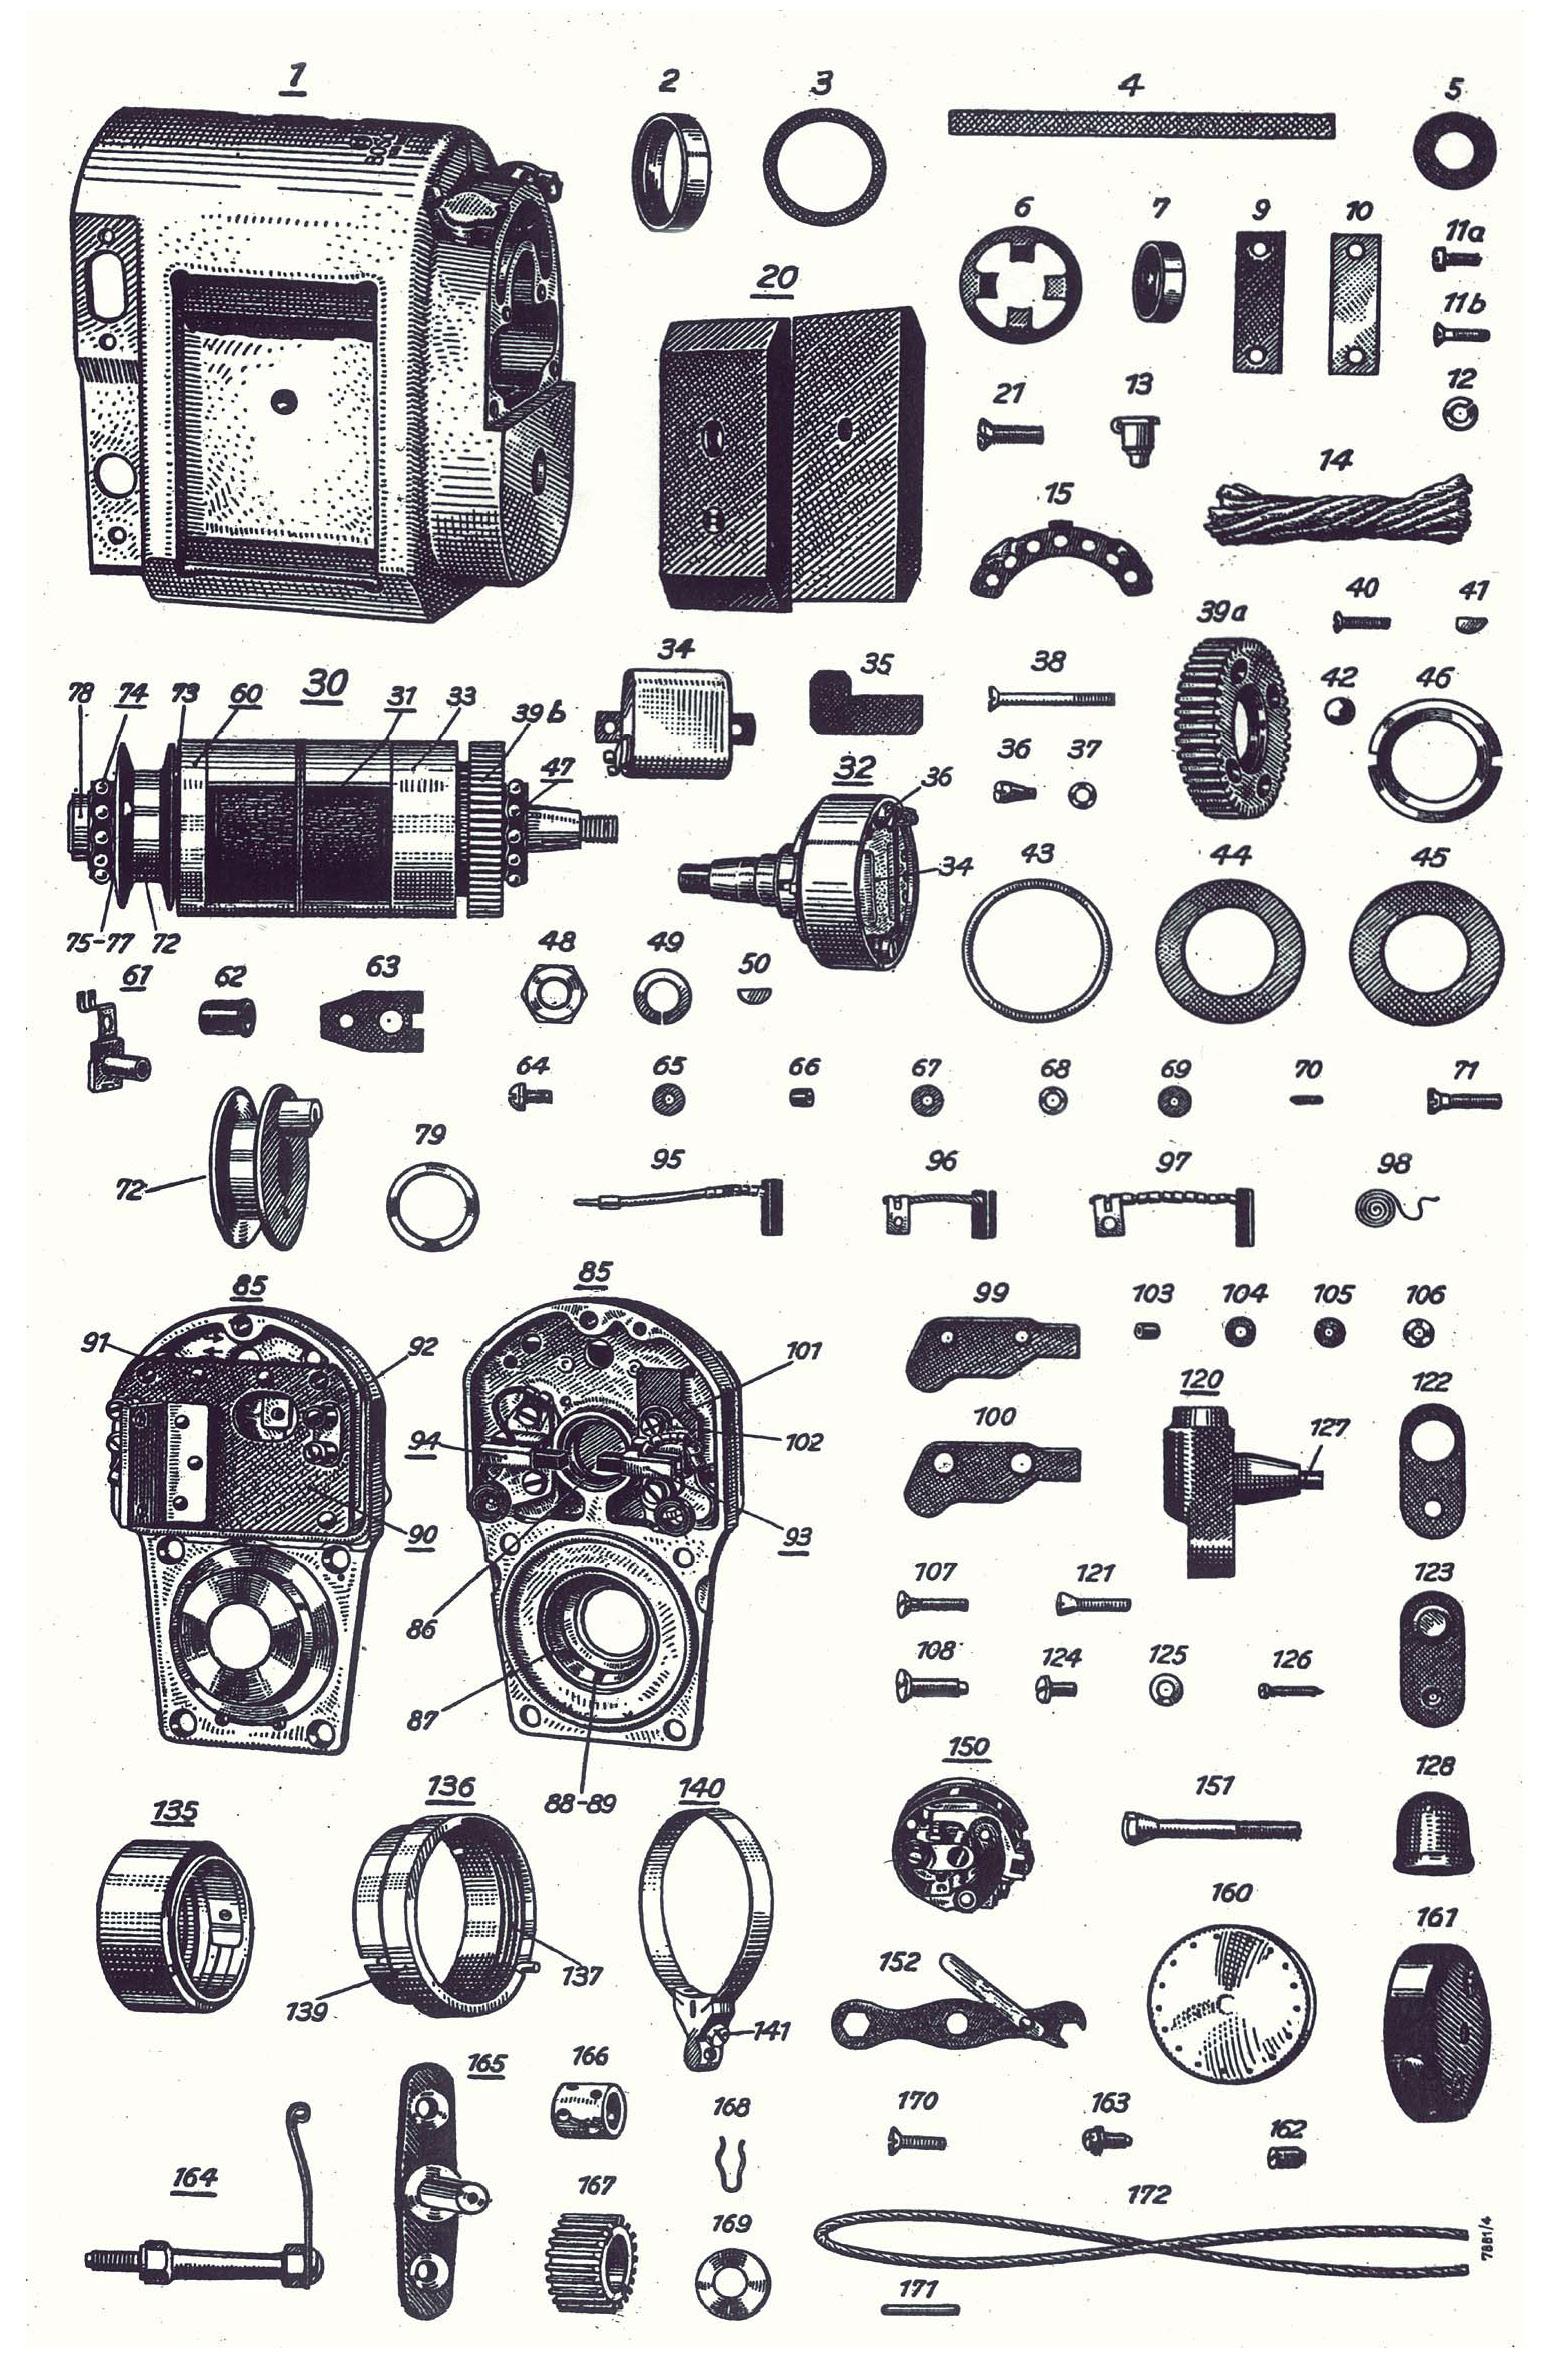 Robert Bosch Documentation